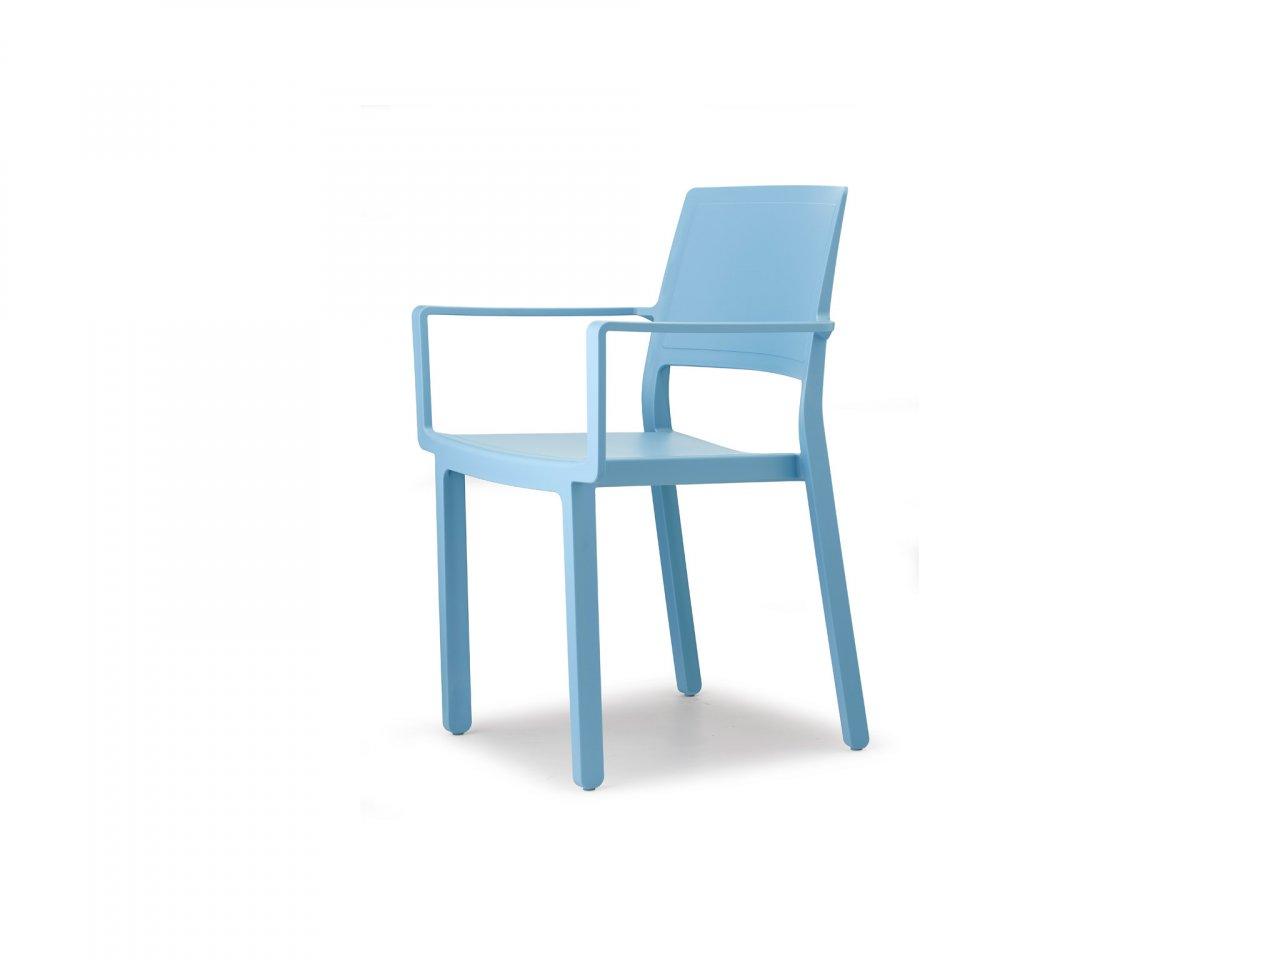 Sedia Con Braccioli Kate - v13